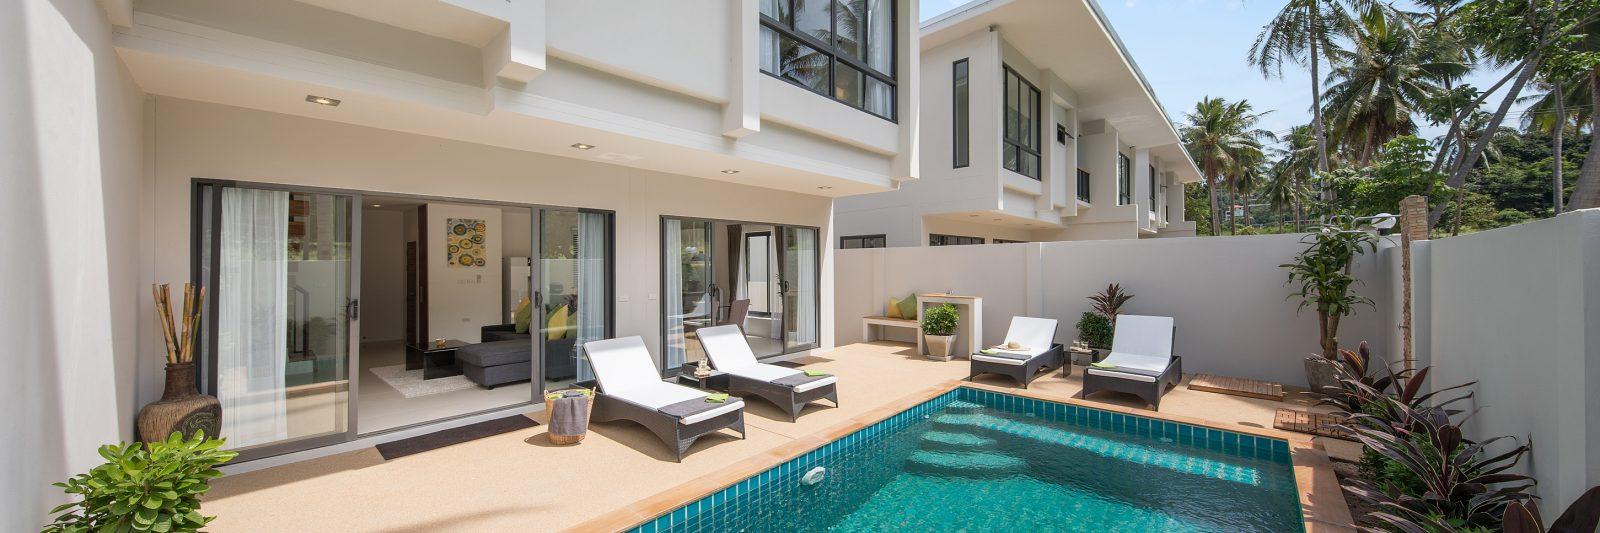 Villa Nabu - perfect private pool